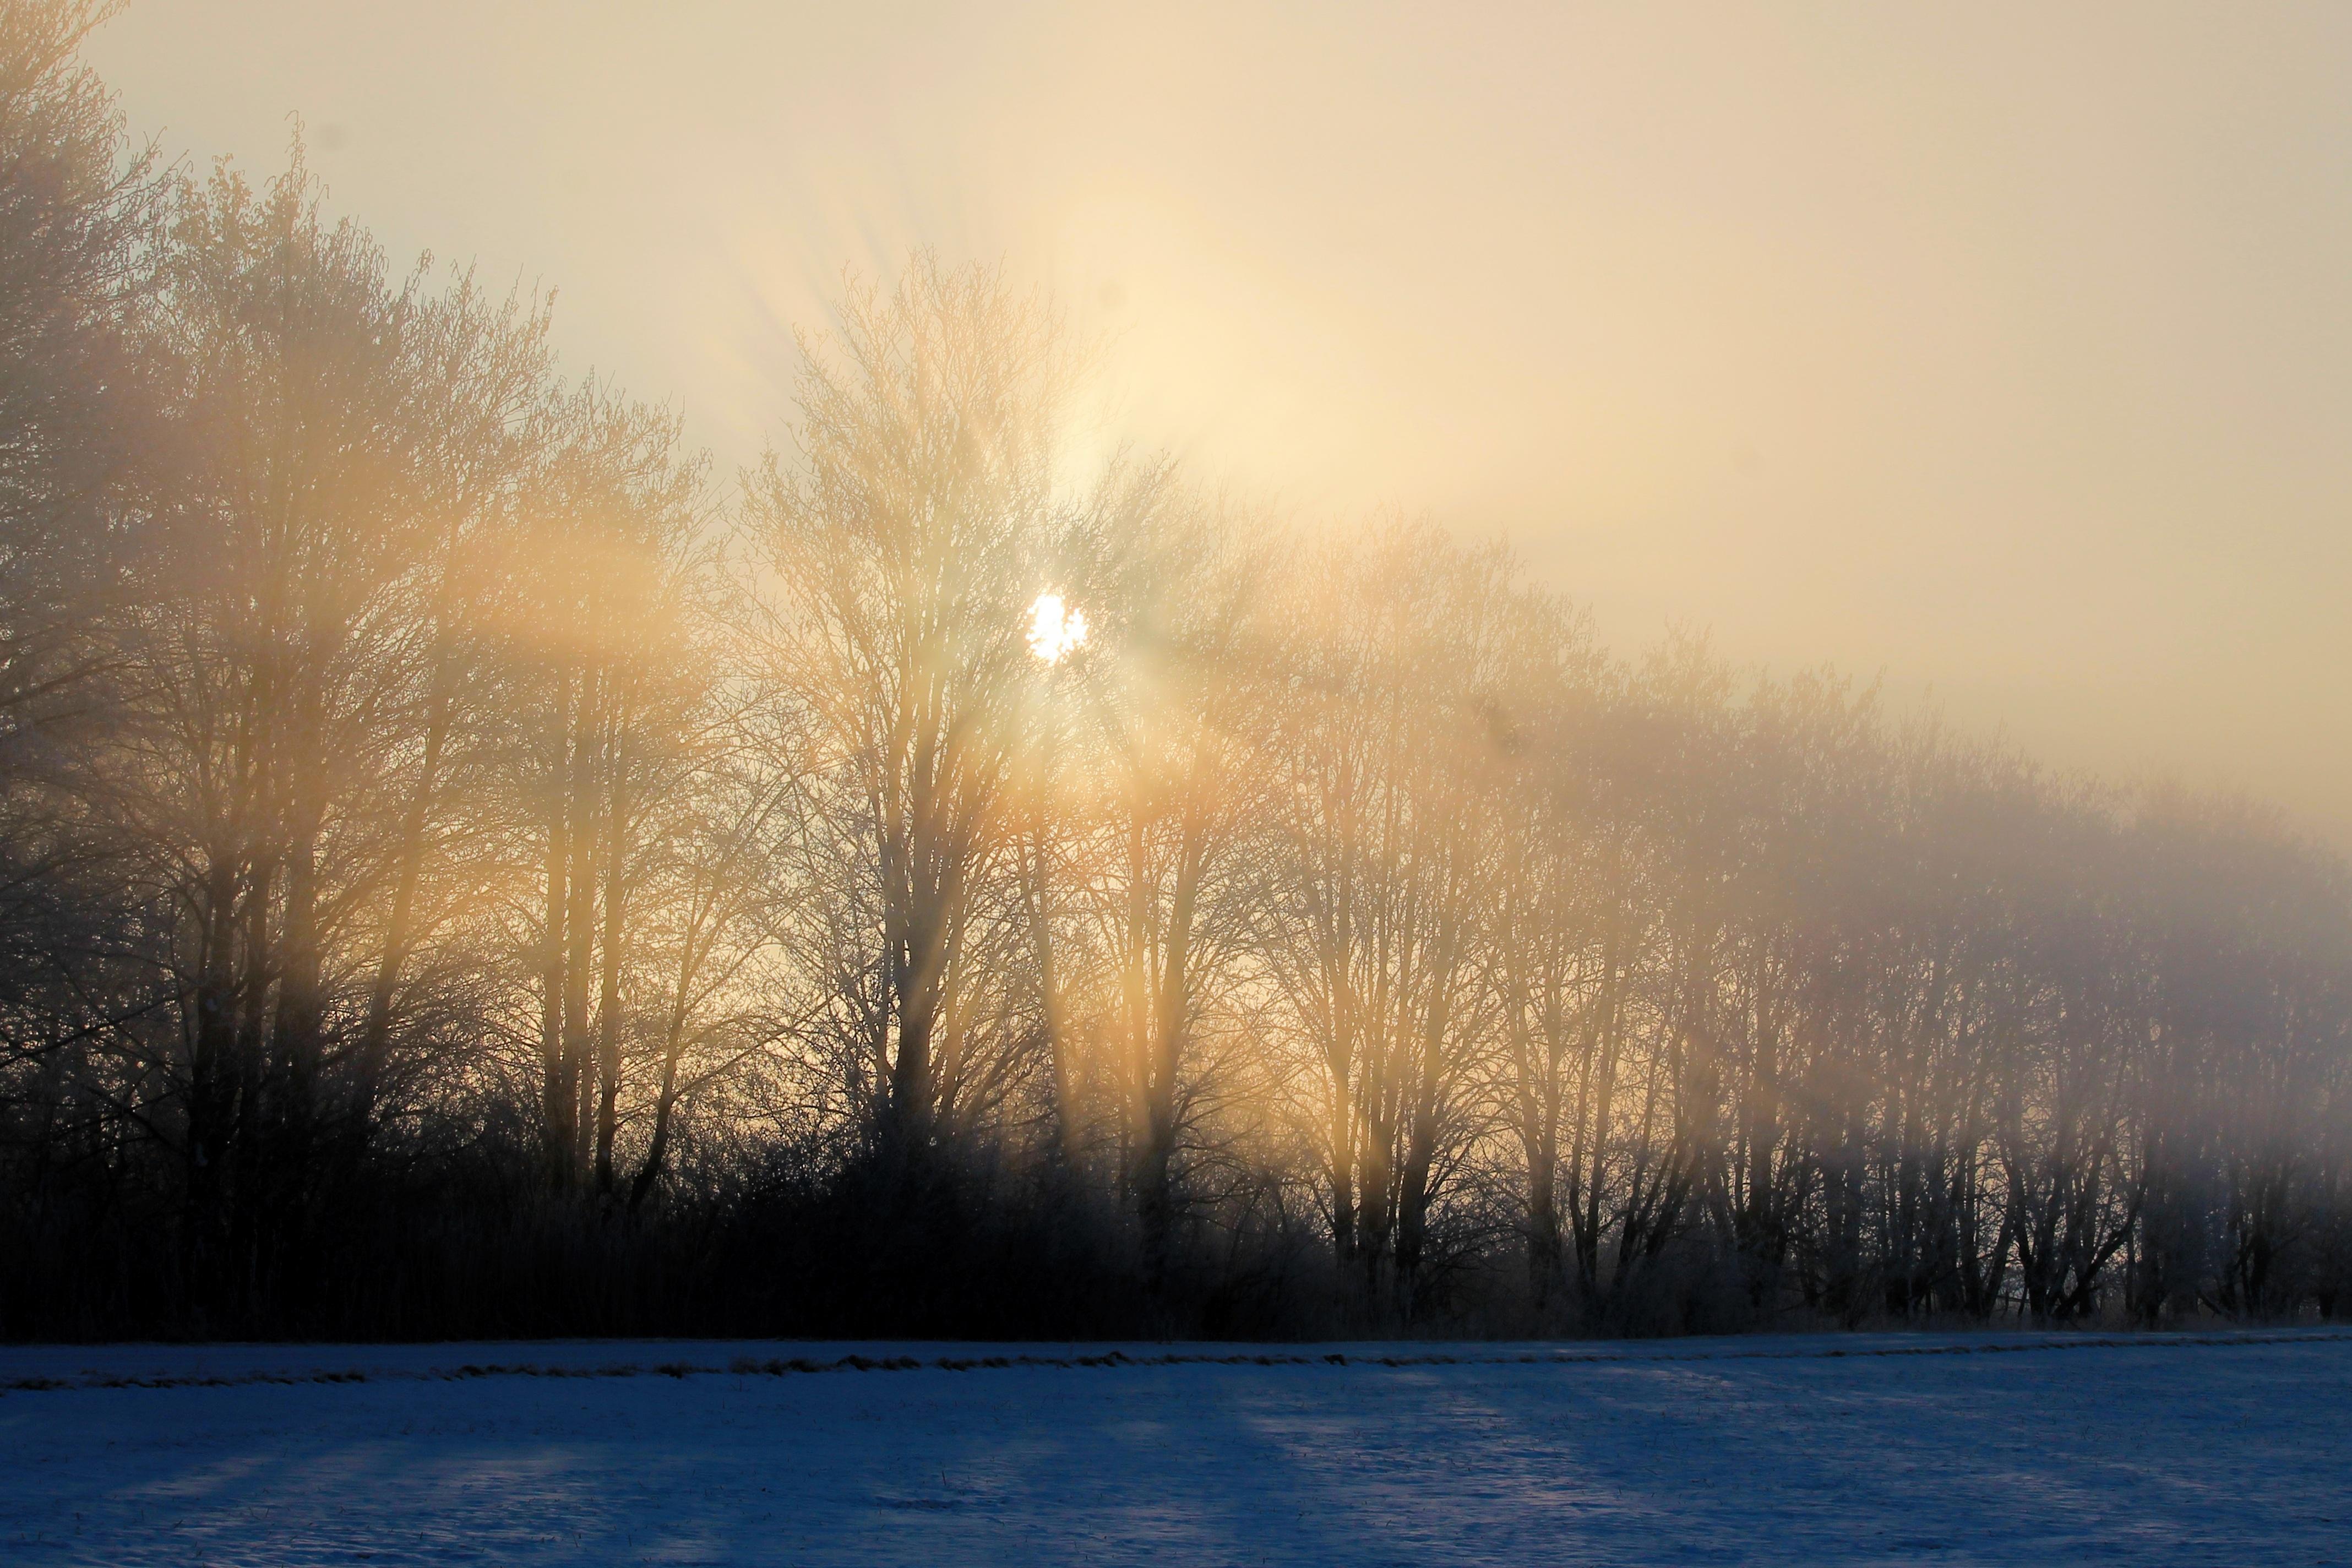 kostenlose foto landschaft baum natur horizont schnee licht wolke sonne nebel. Black Bedroom Furniture Sets. Home Design Ideas